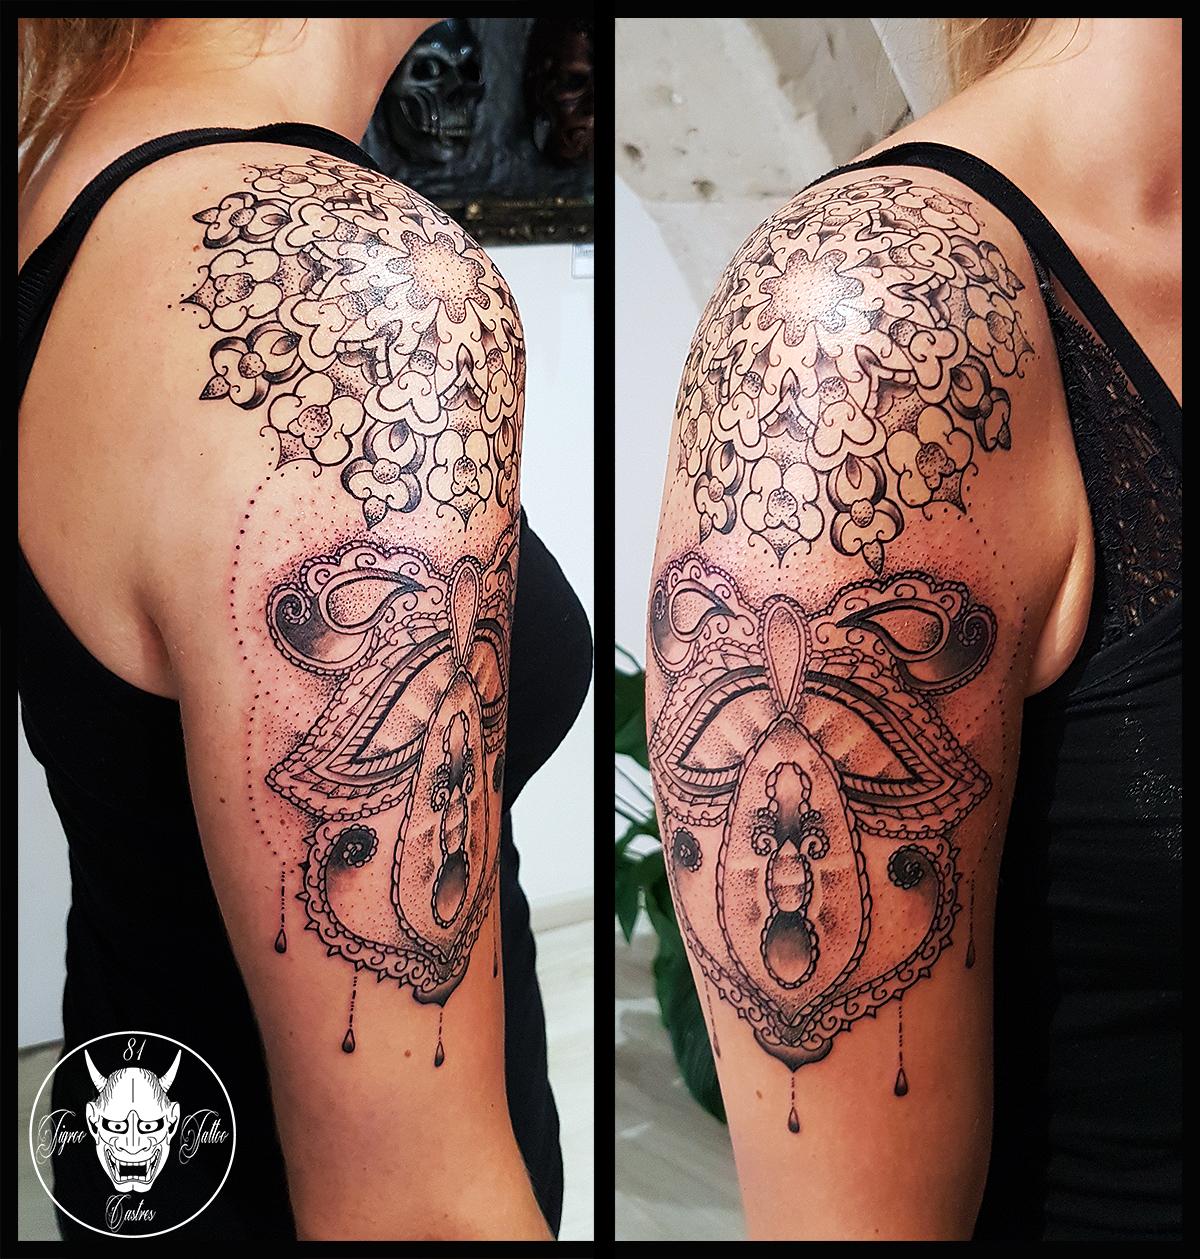 tatouage 8 rpima